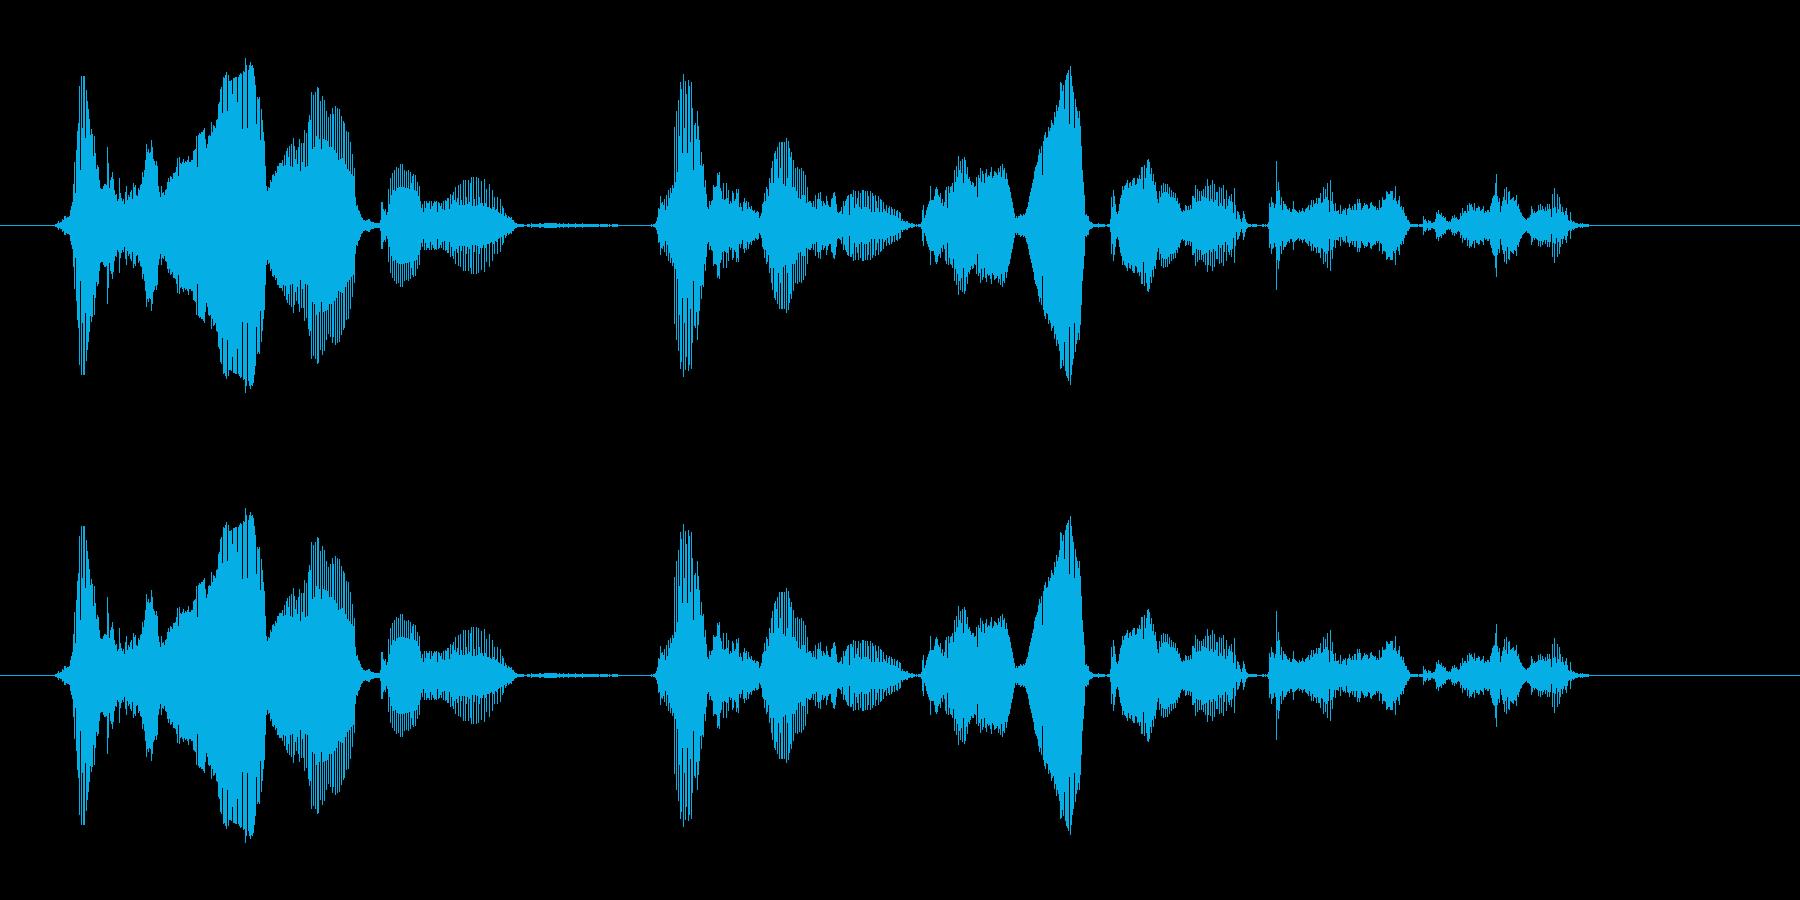 発信音のあとに、メッセージを10秒間で…の再生済みの波形